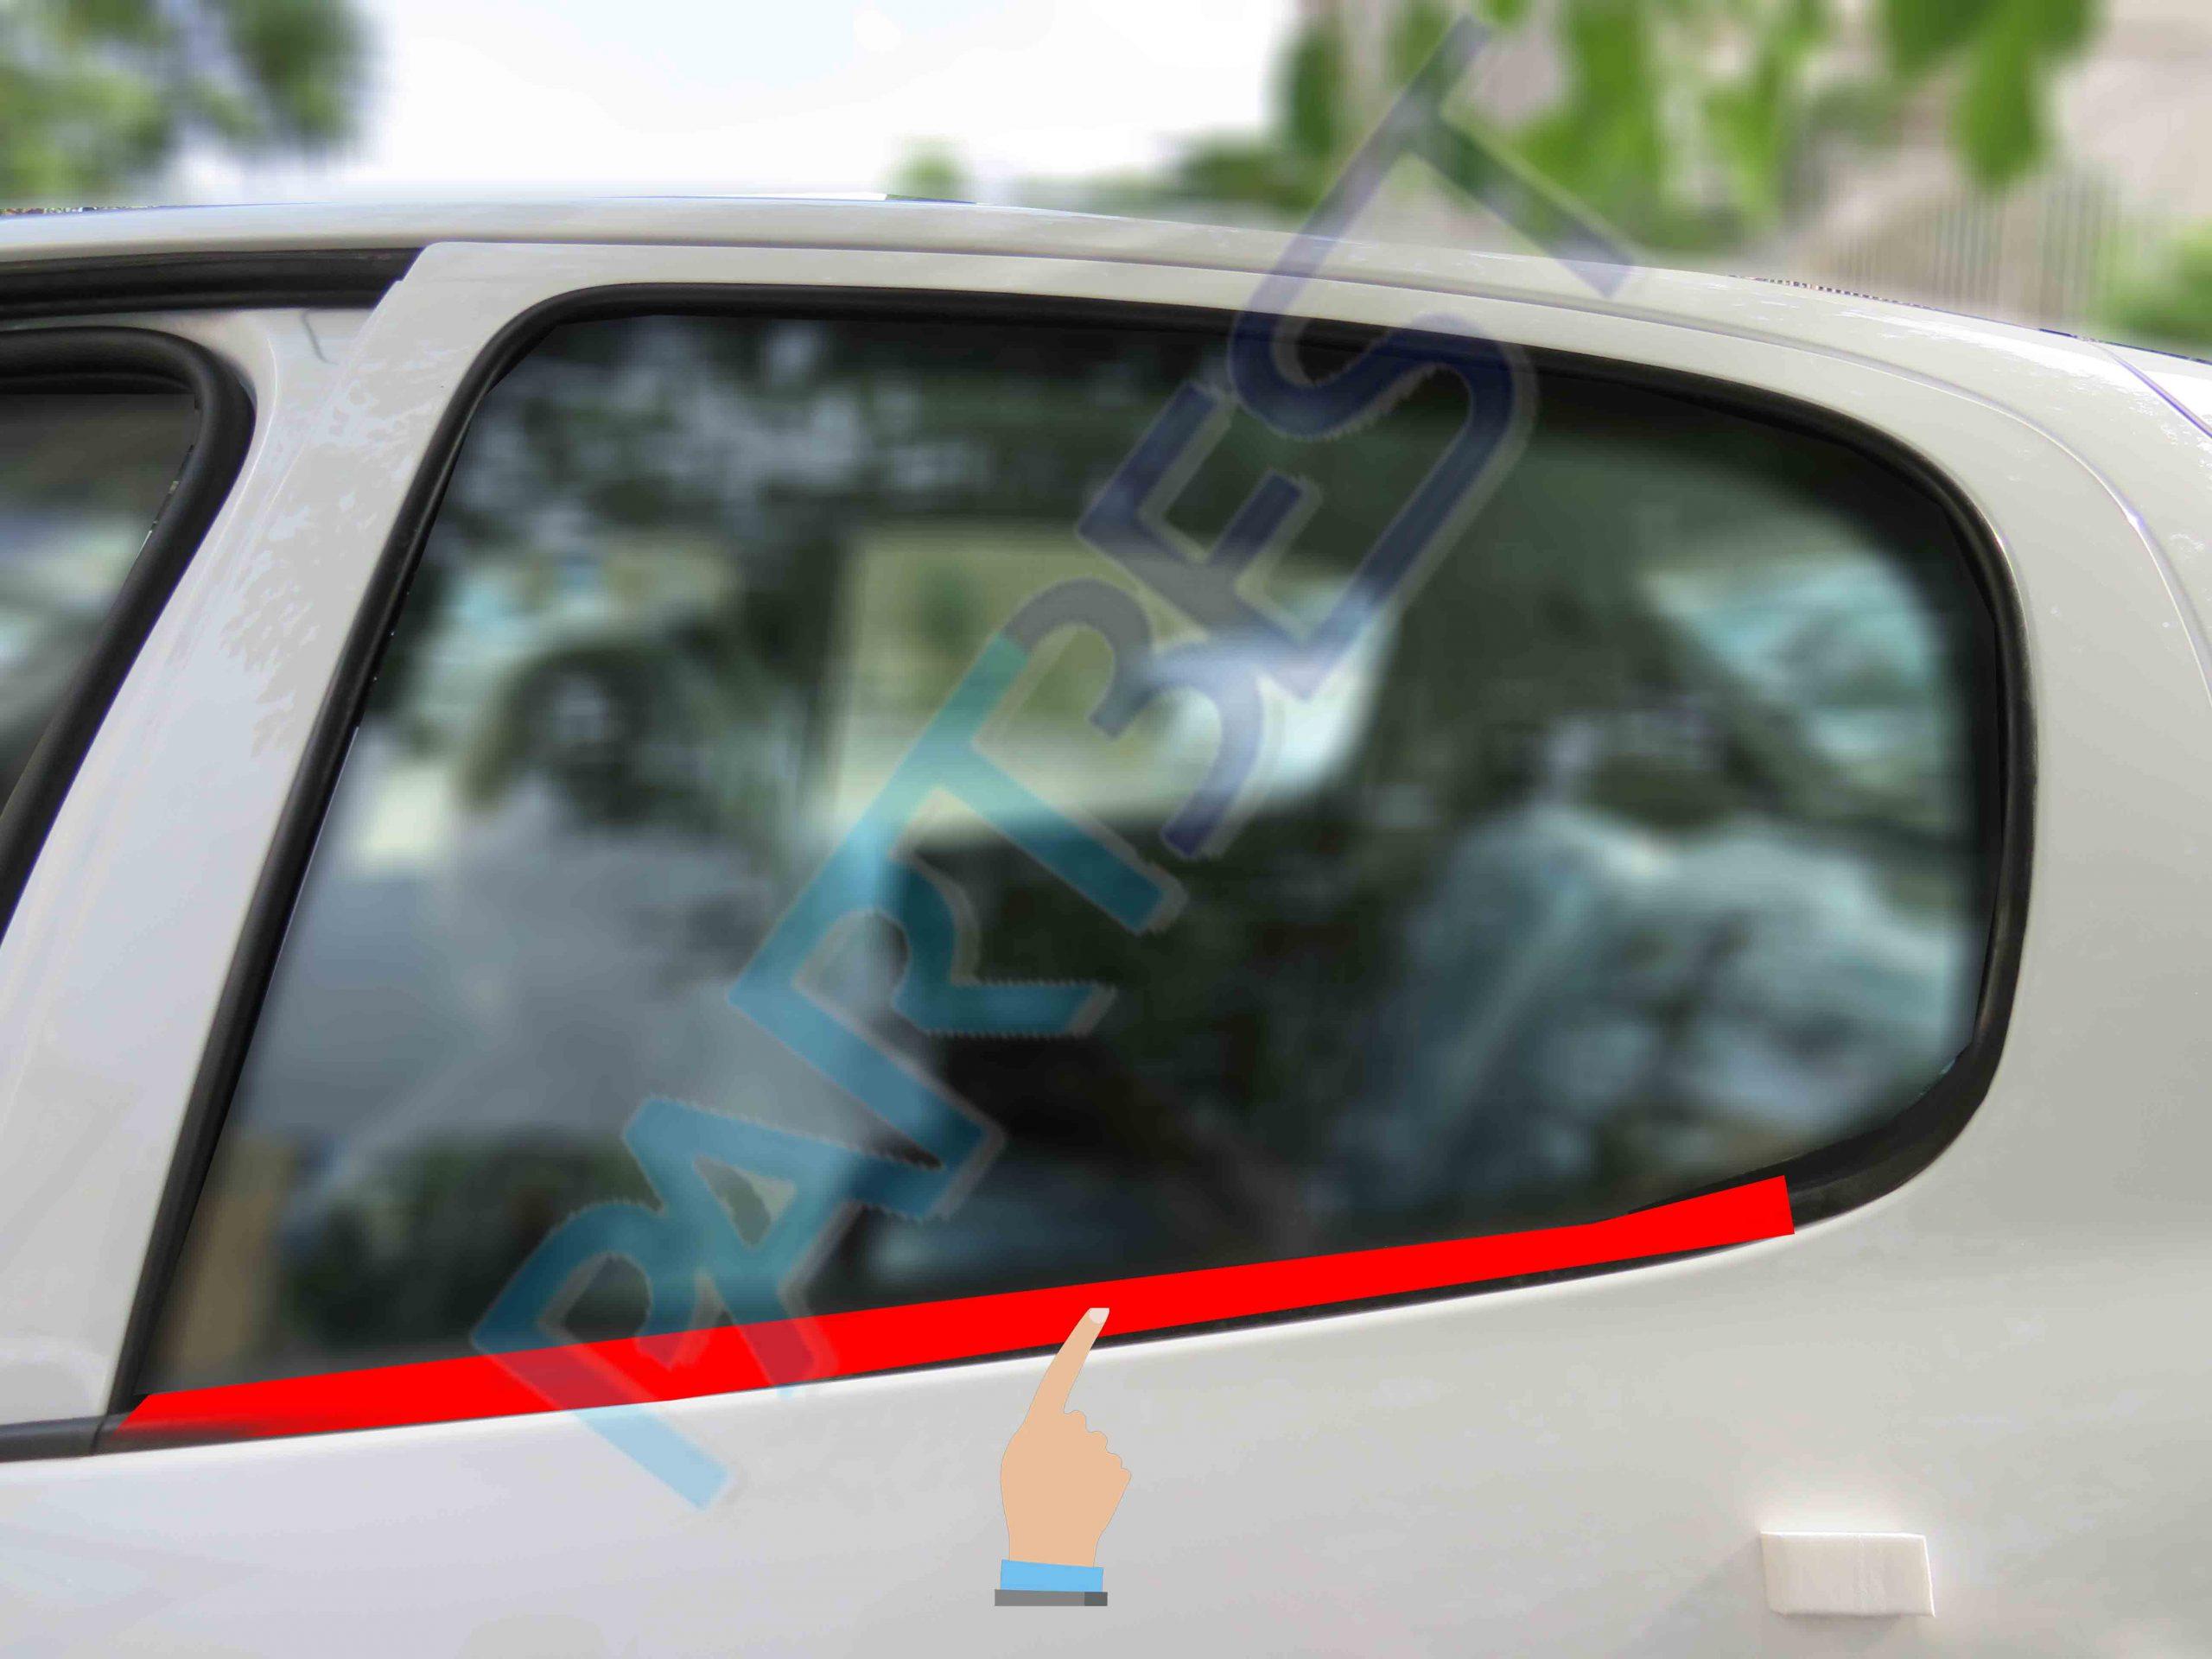 نوار گردگير و نگهدارنده داخل شيشه درب عقب چپ پژو 206